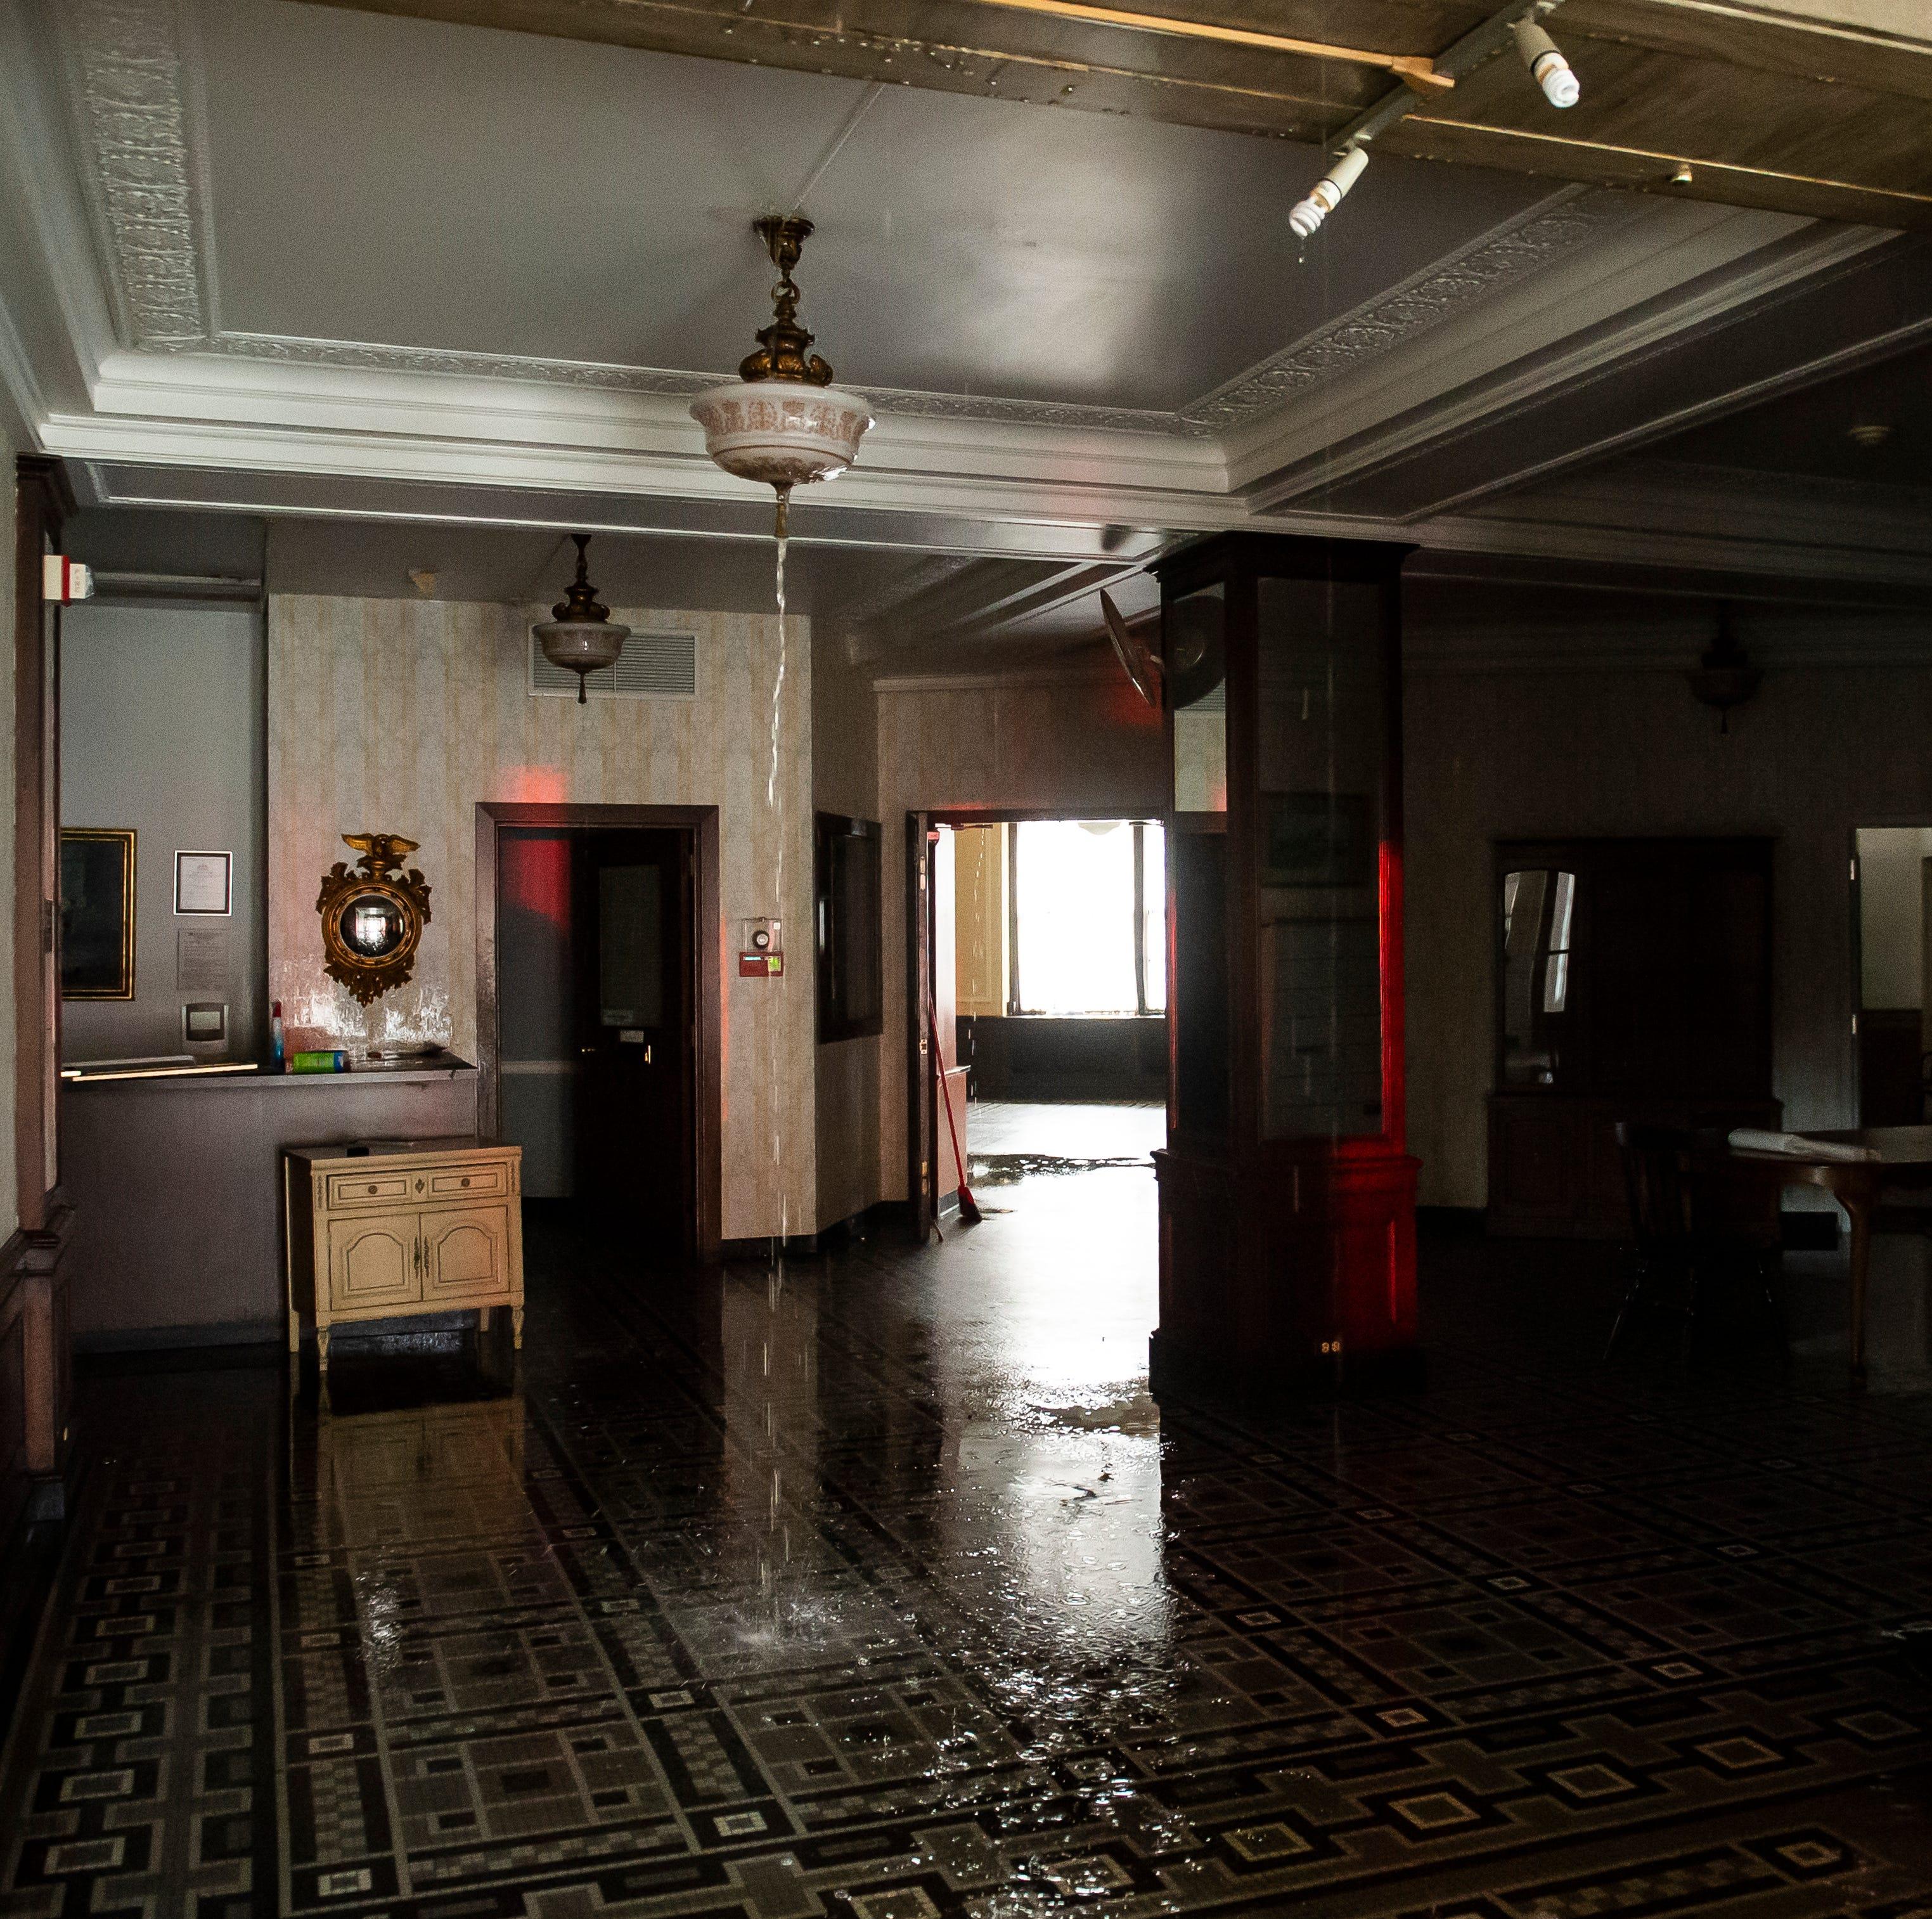 Frozen sprinkler pipe bursts in vacant M'Calister Inn